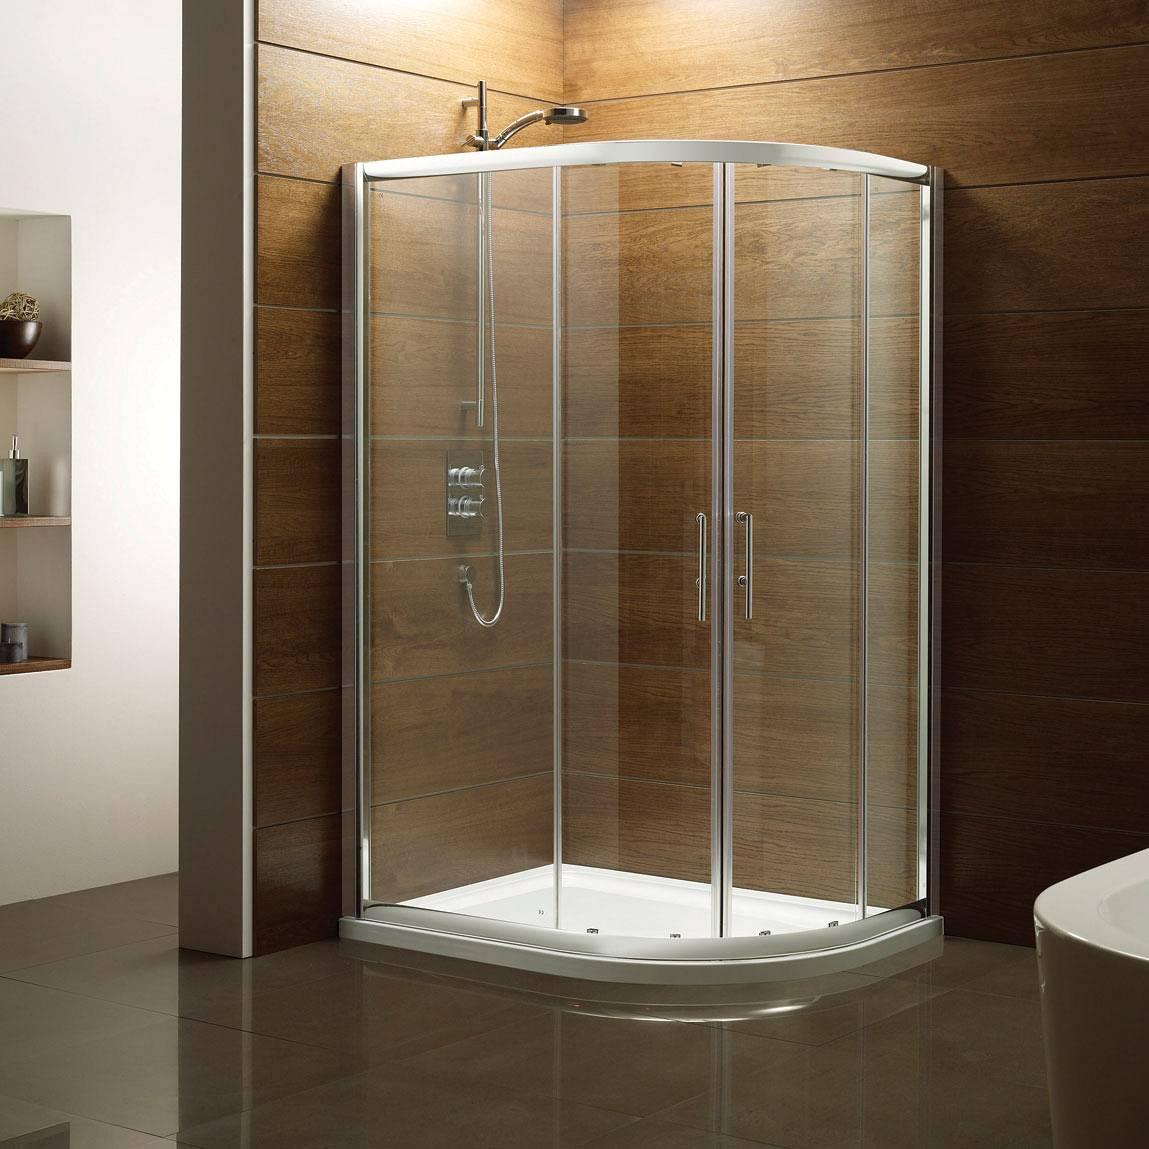 Kabina prysznicowa - nowoczesne rozwiązanie